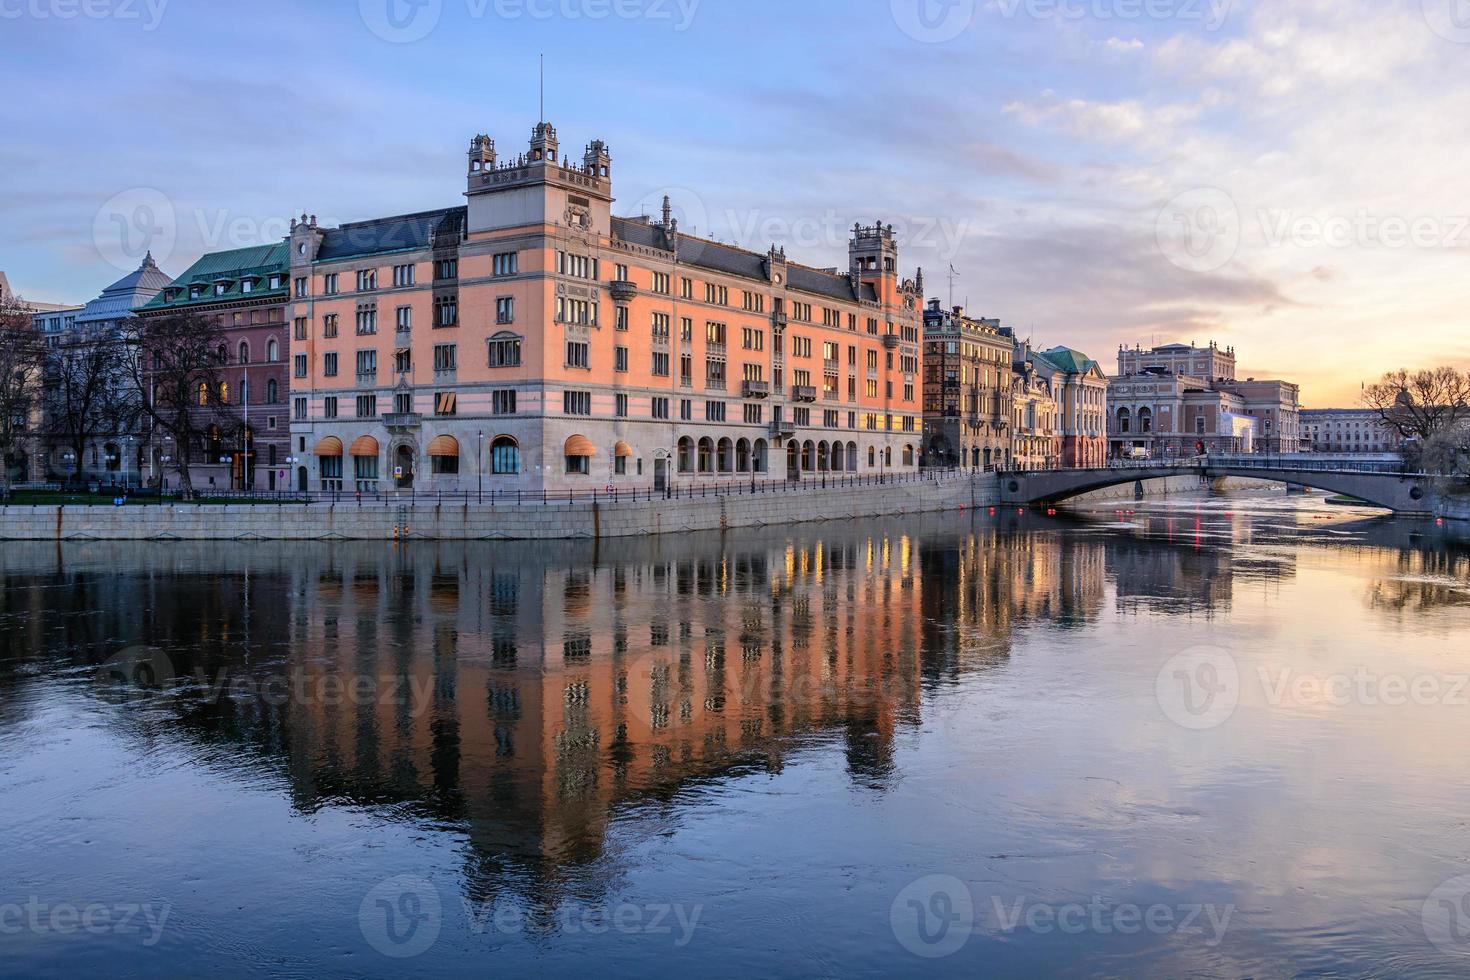 edifici a Stoccolma foto